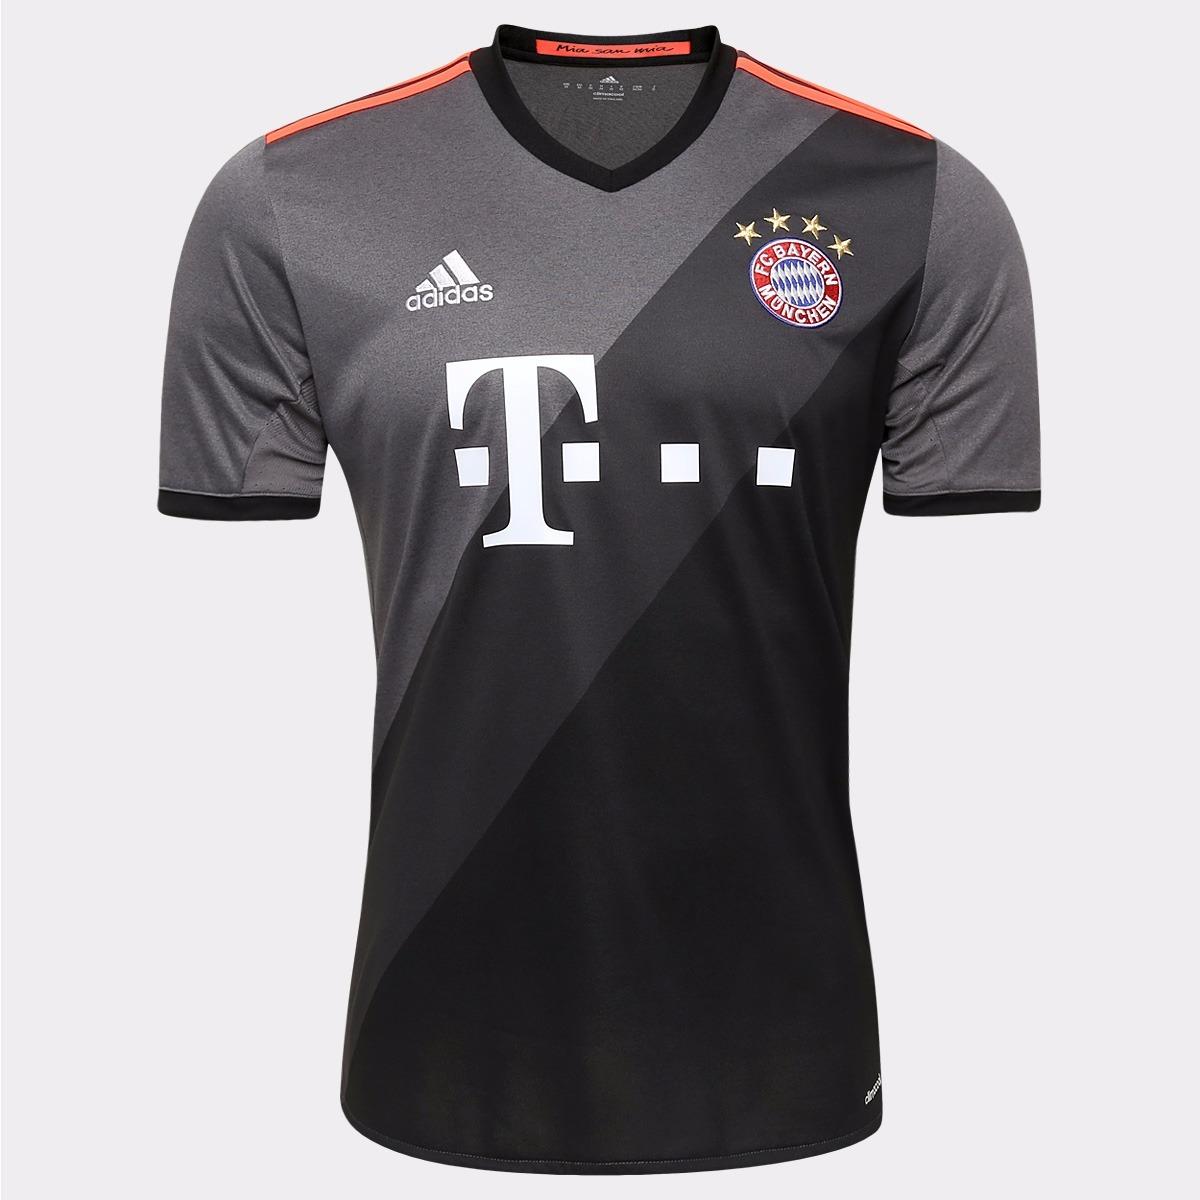 camisa do bayern de munique vermelha branca preta futebol. Carregando zoom. 9d10524b75b07